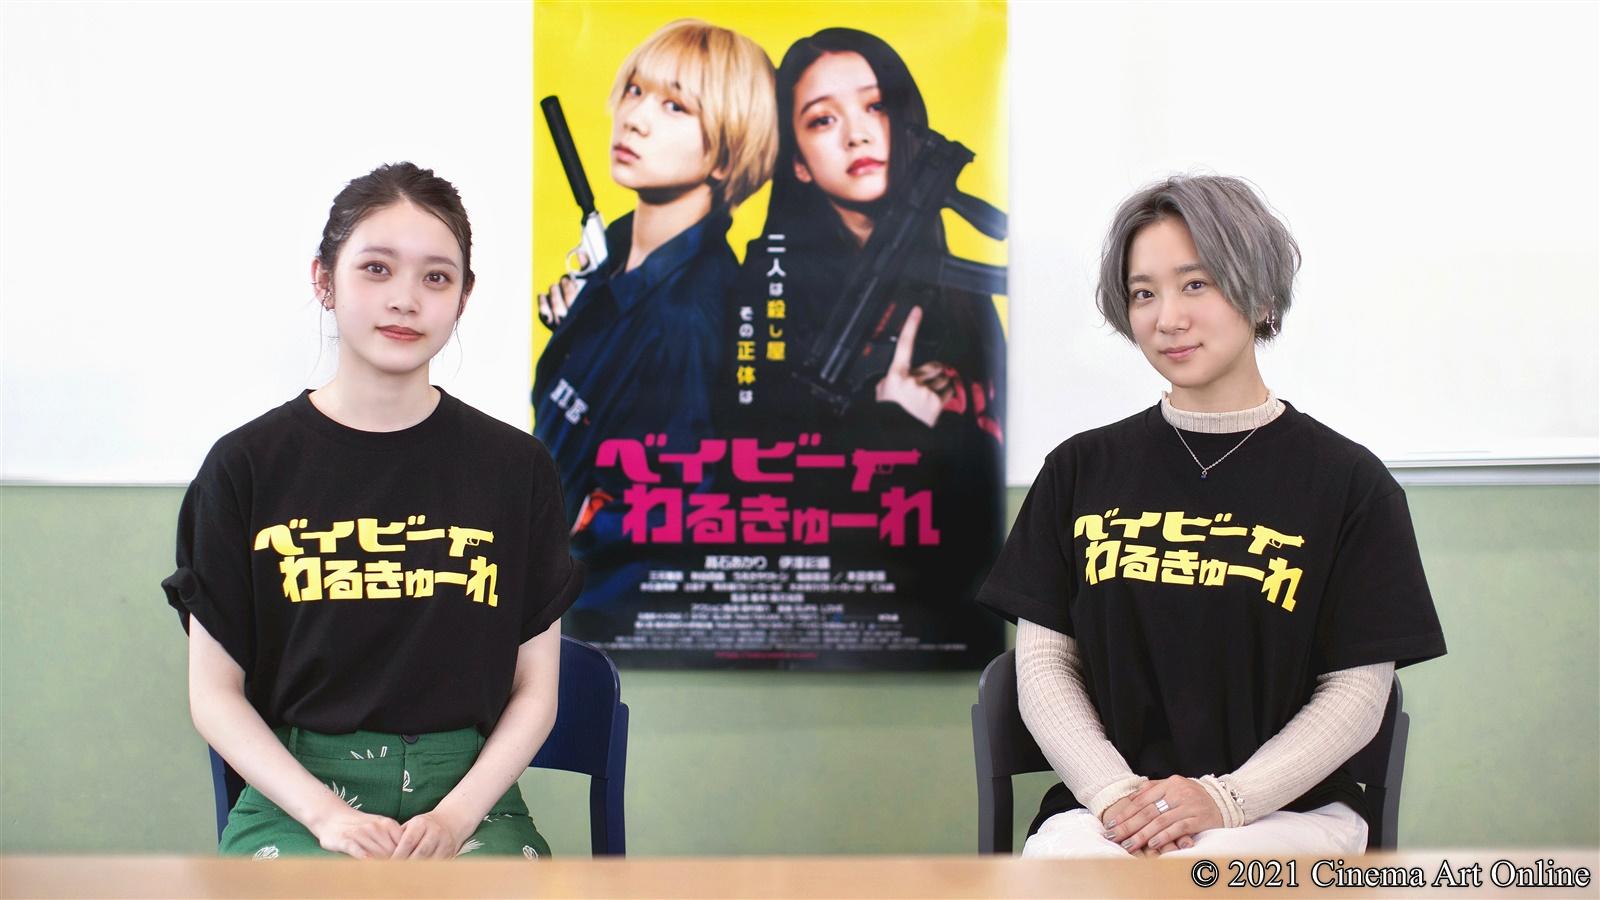 【写真】映画『ベイビーわるきゅーれ』髙石あかり&伊澤彩織 インタビュー